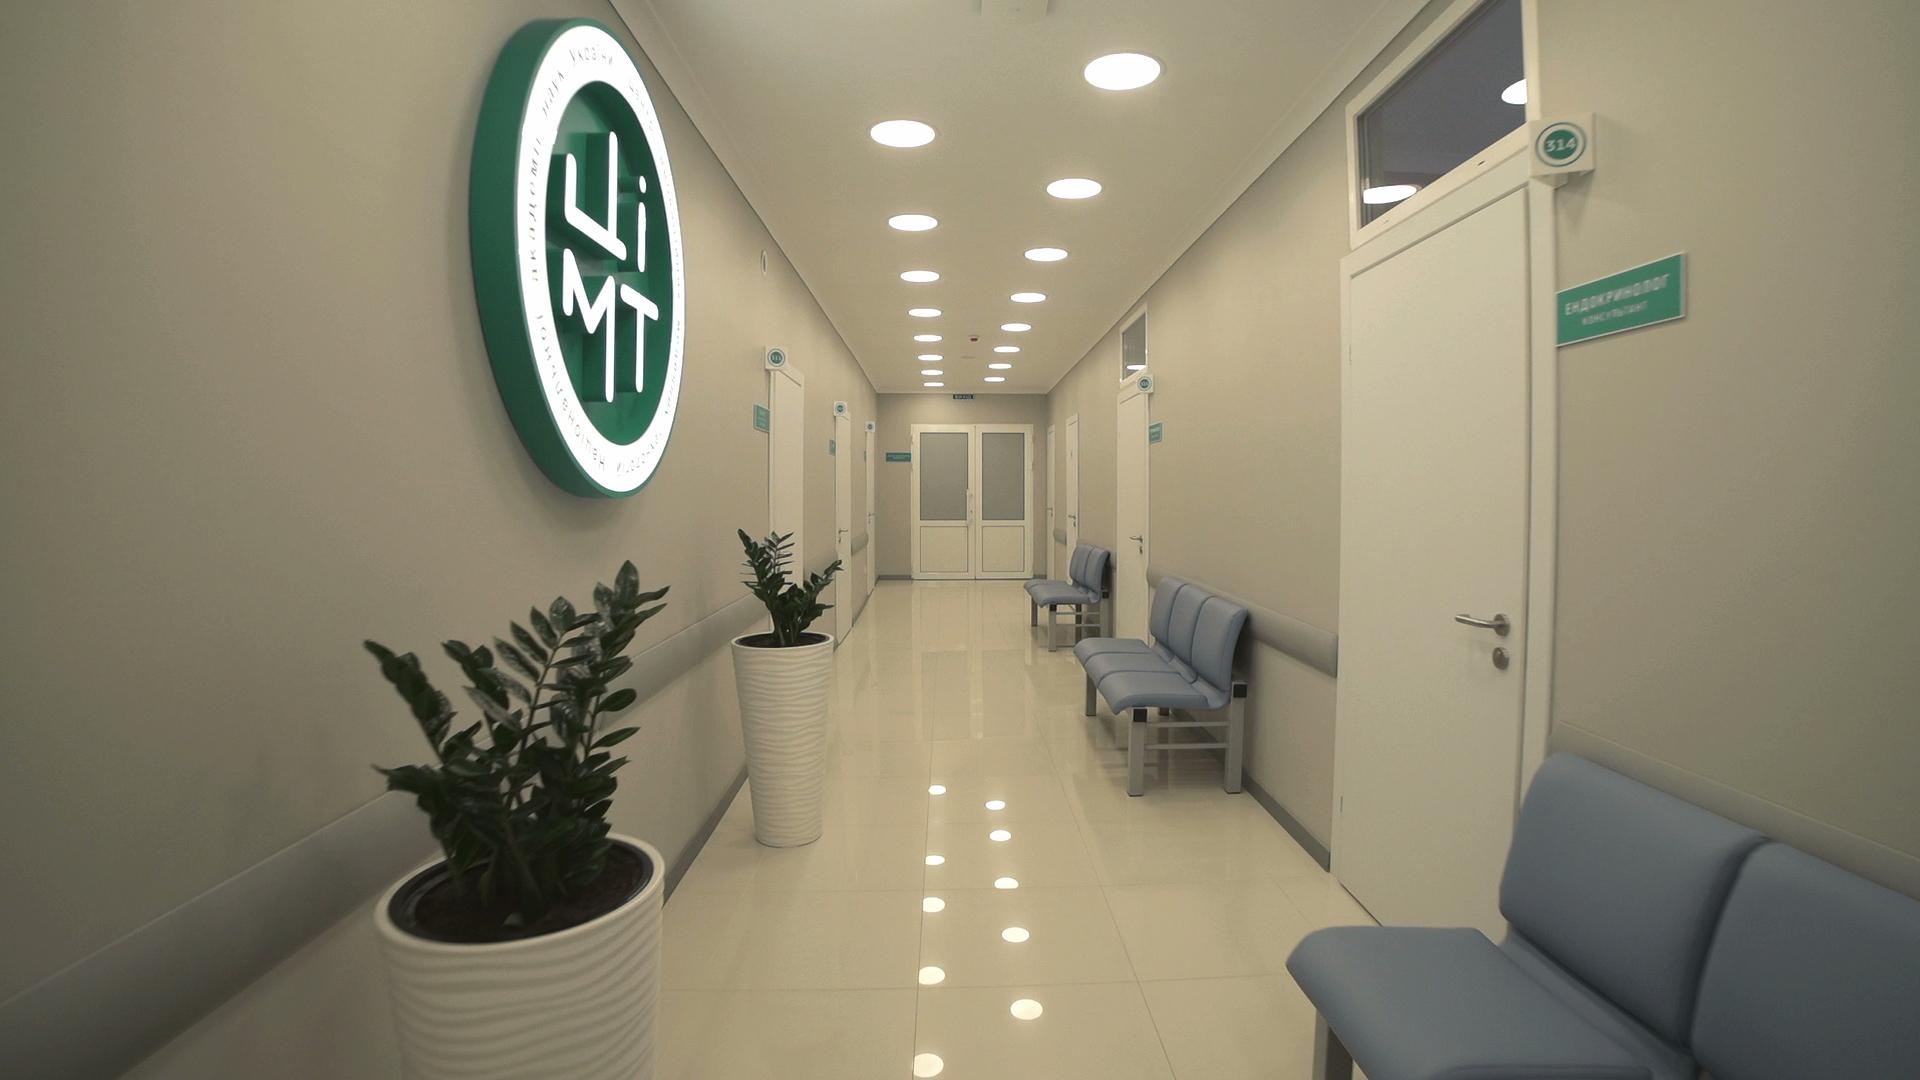 Відділ репродуктивного здоров'я